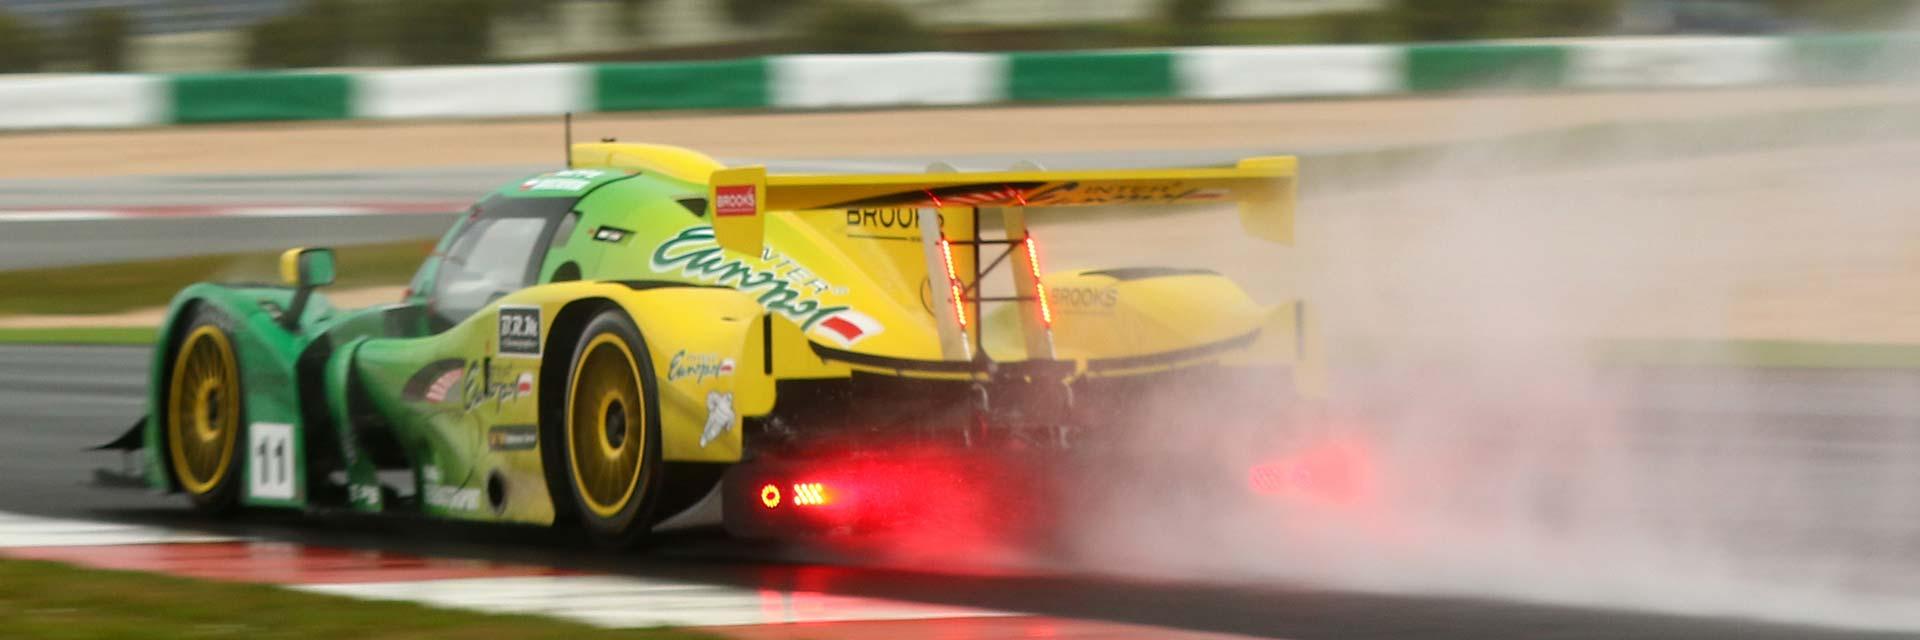 GEDLICH Racing - Racetrack Portimao